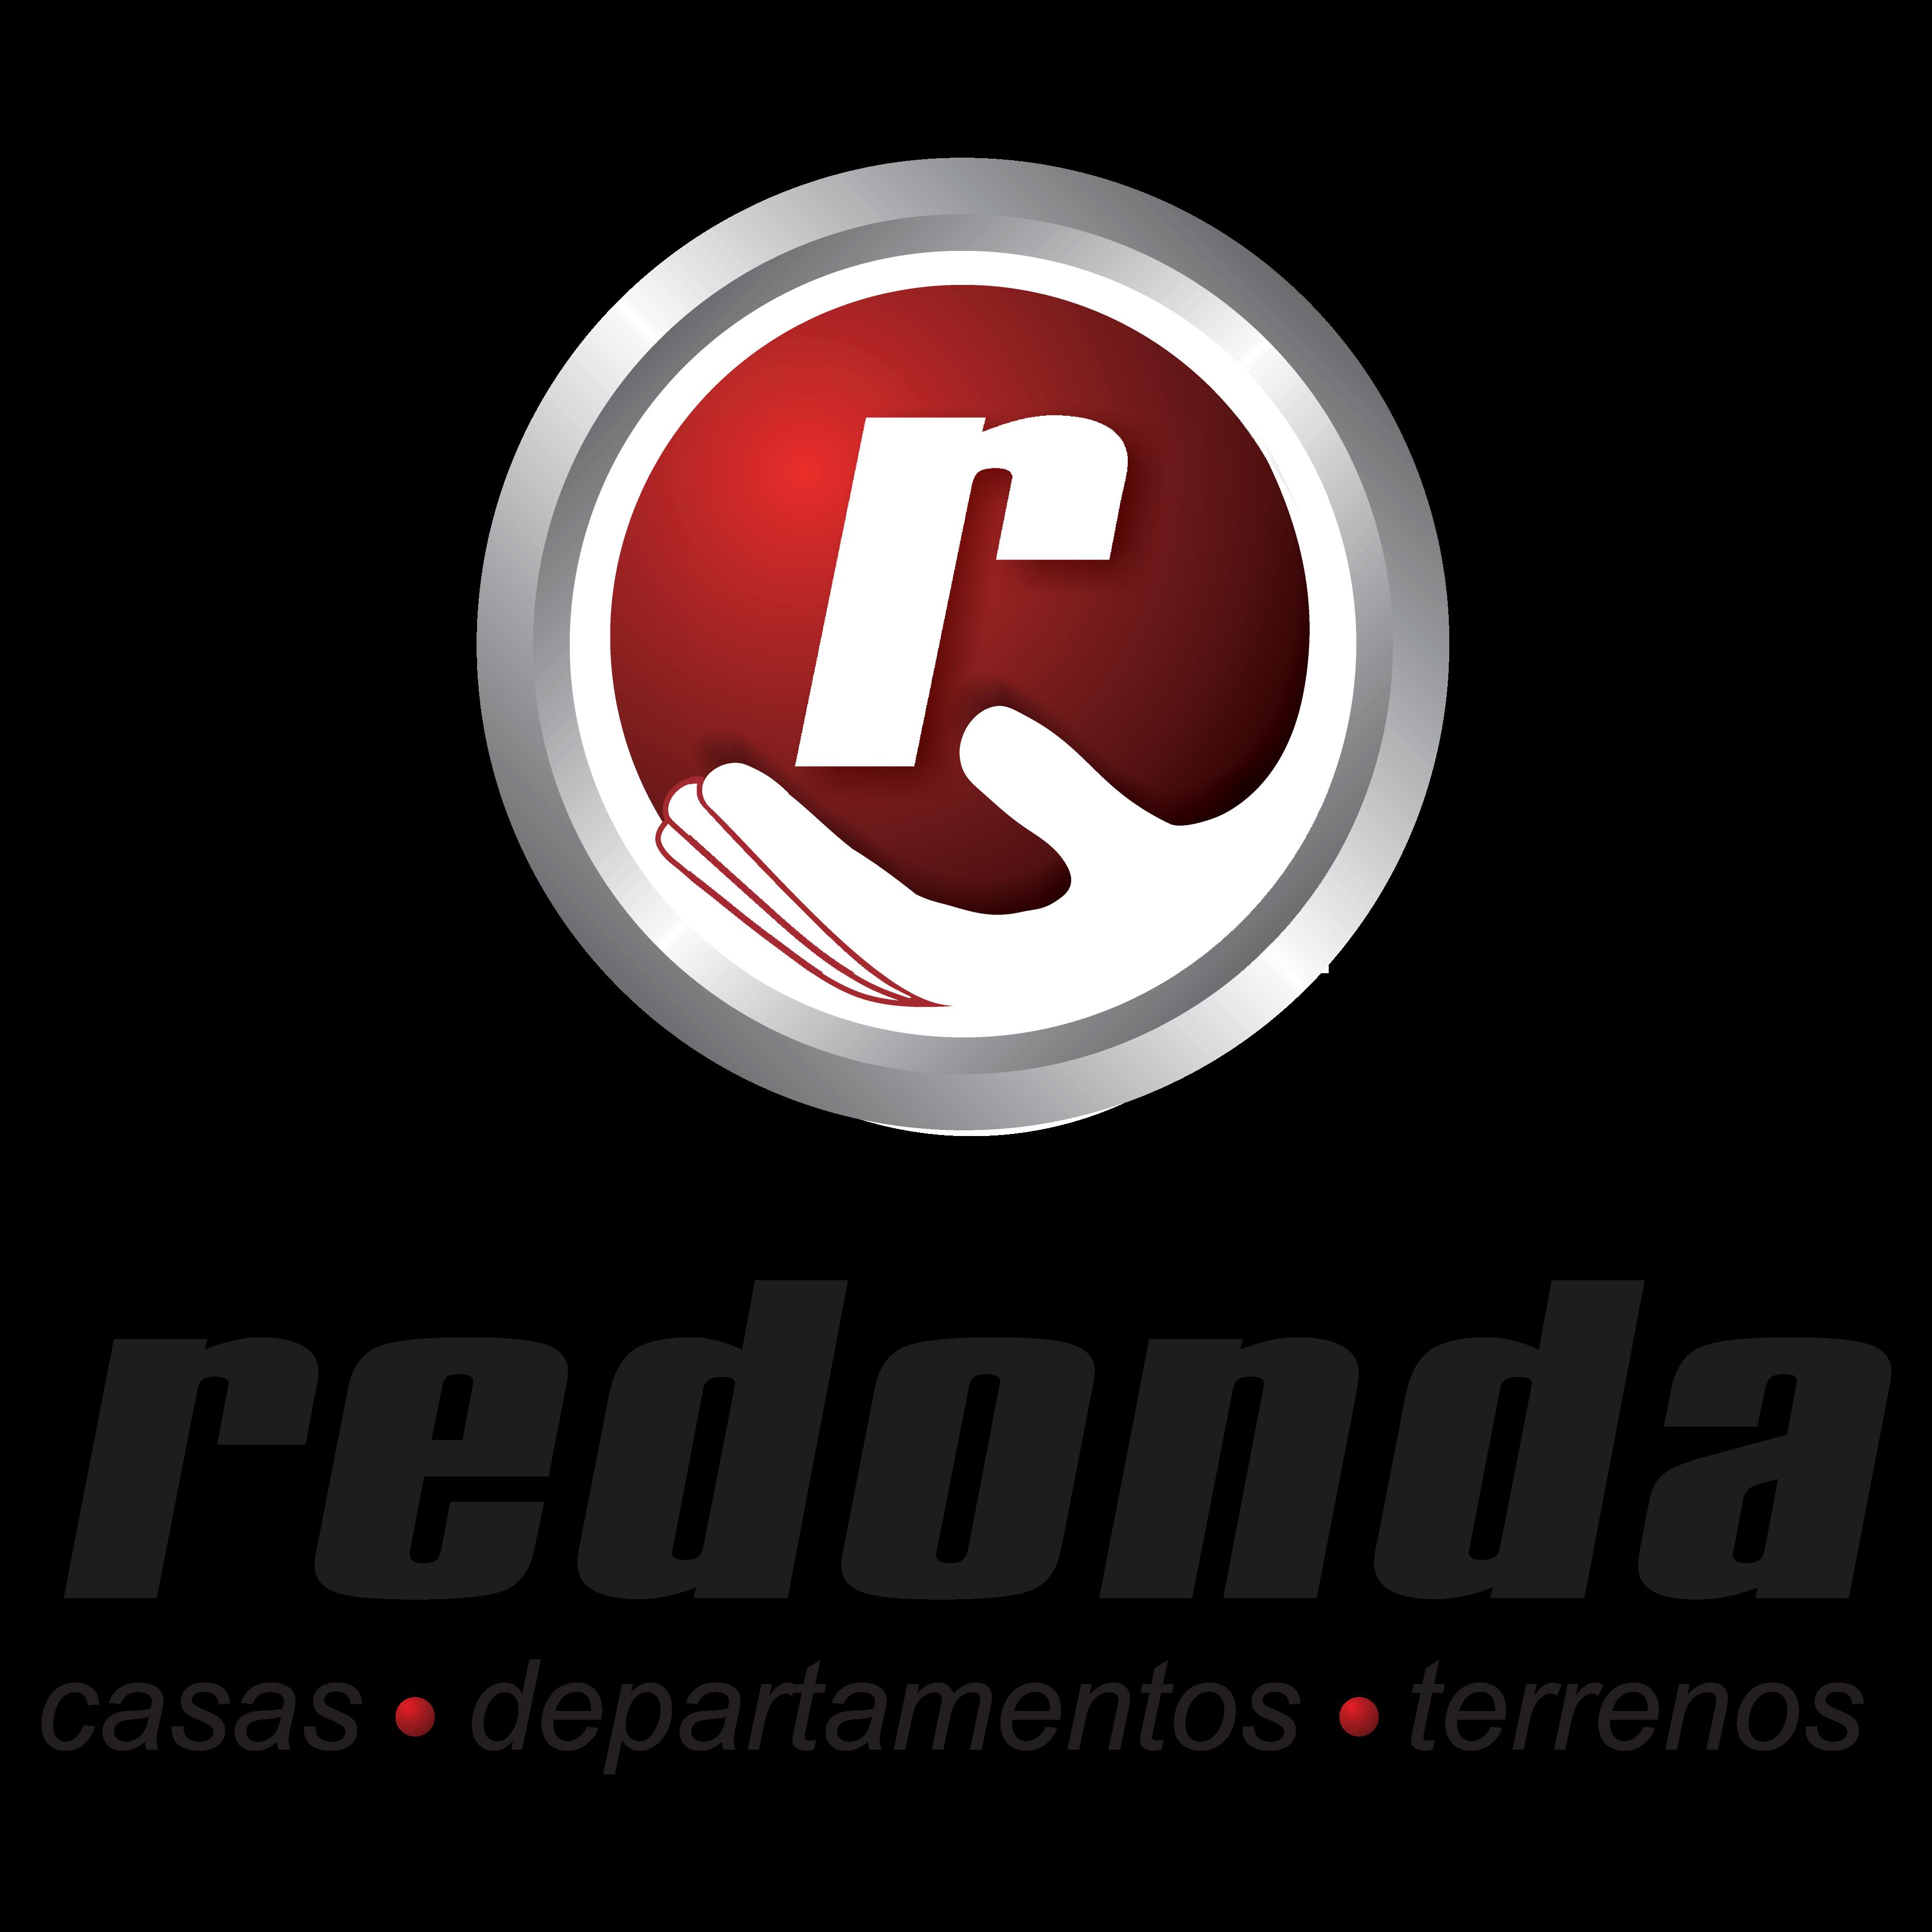 Foto_Perfil_redonda-01.png